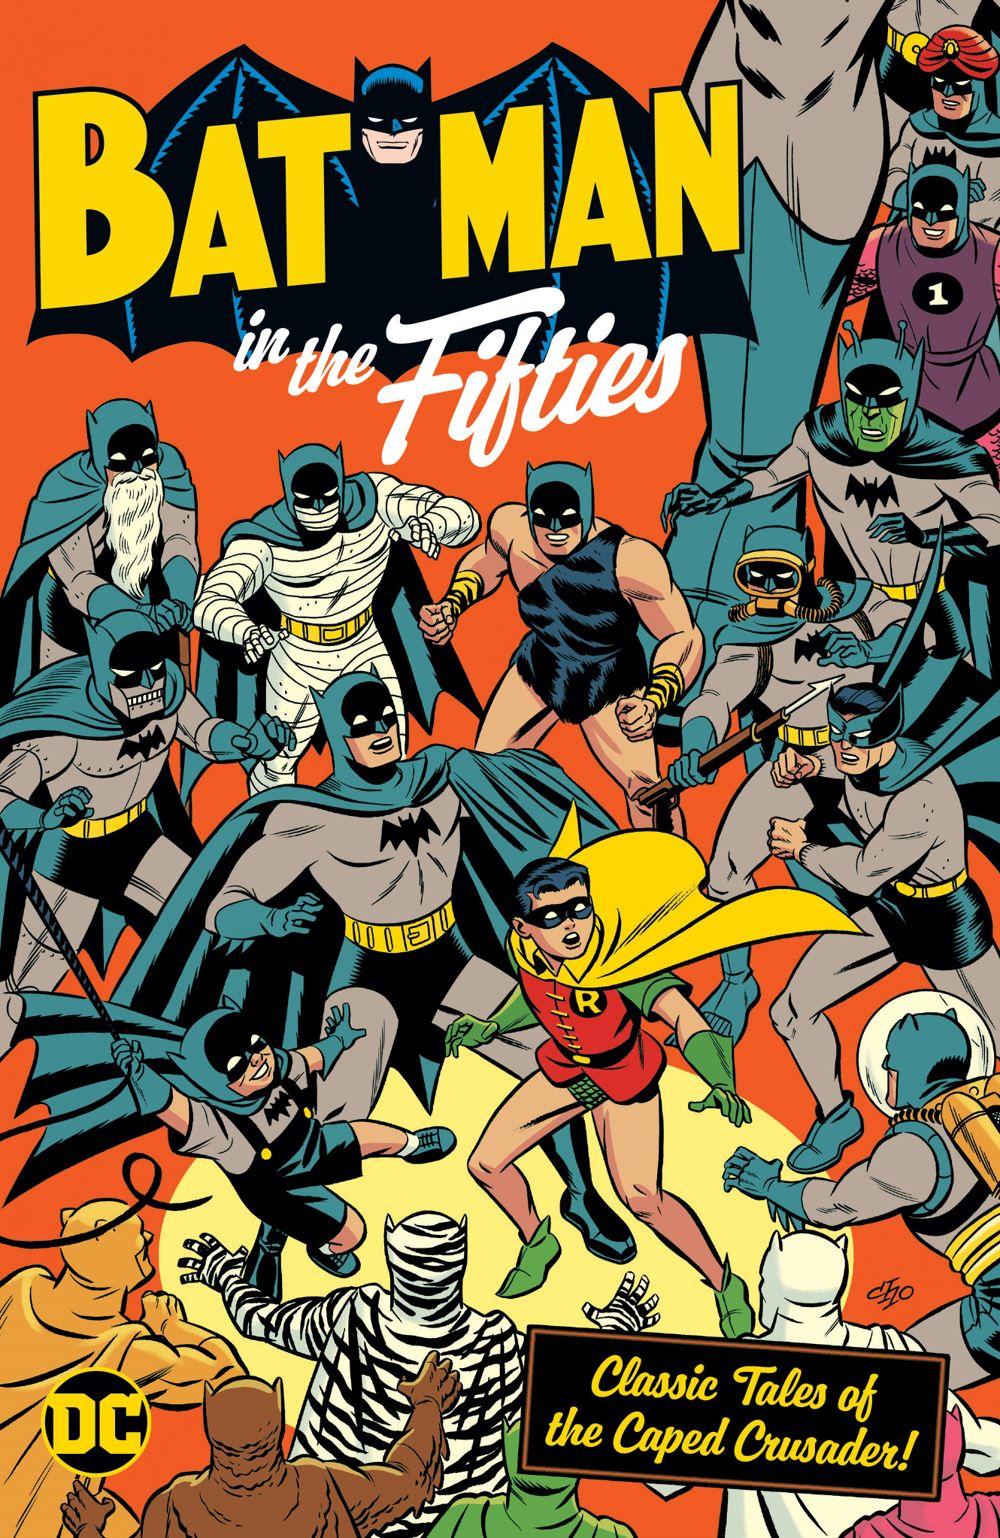 Batman_50s_adv DC Comics August 2021 Solicitations